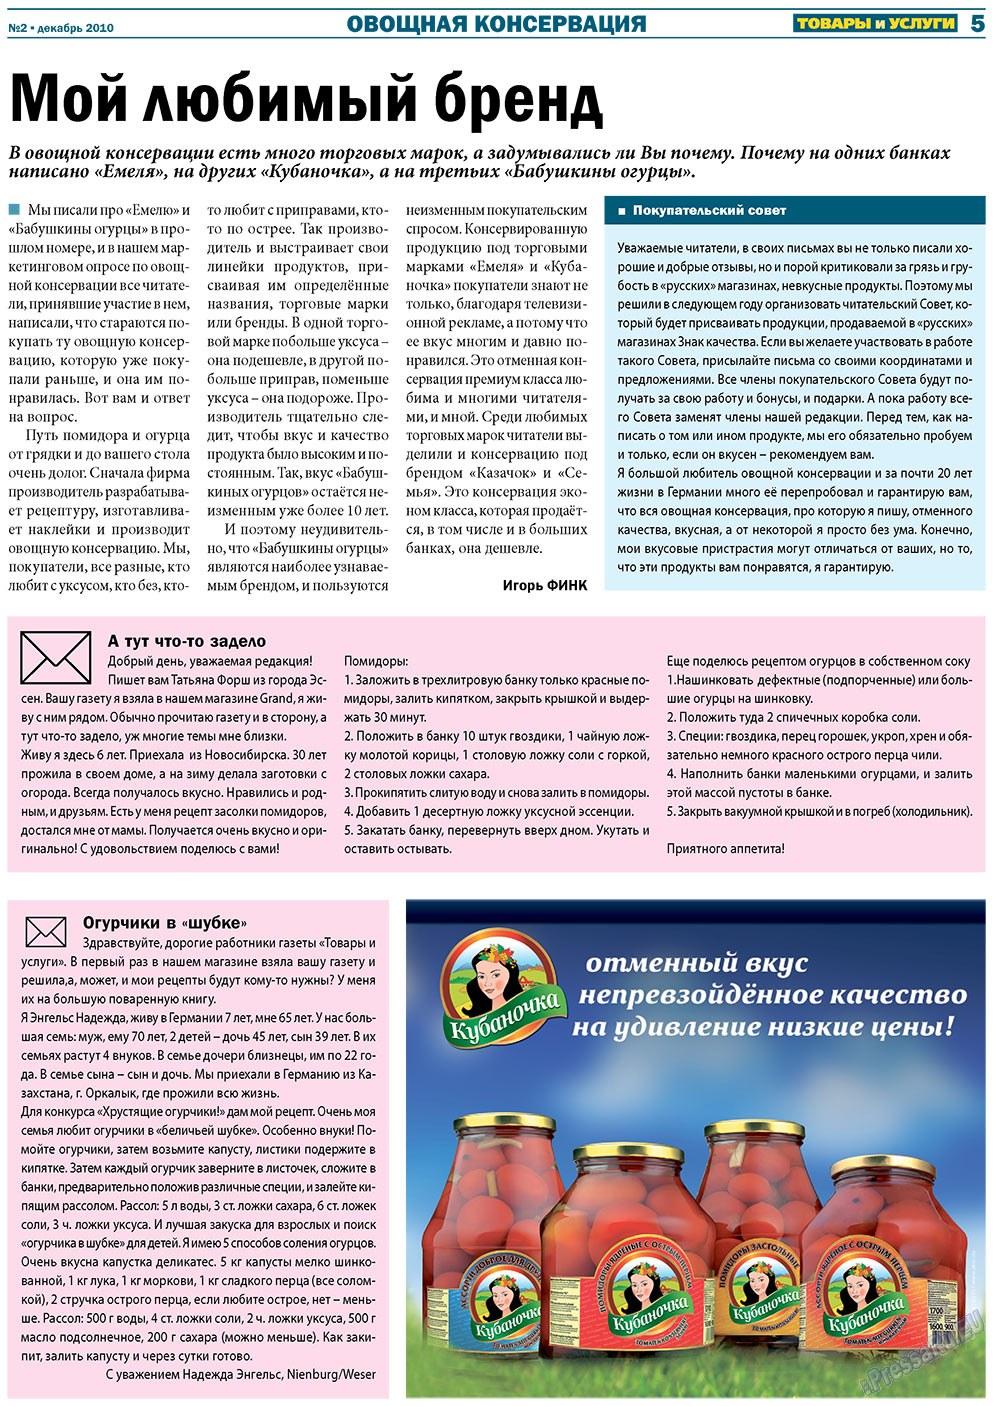 Товары и услуги (газета). 2010 год, номер 2, стр. 5